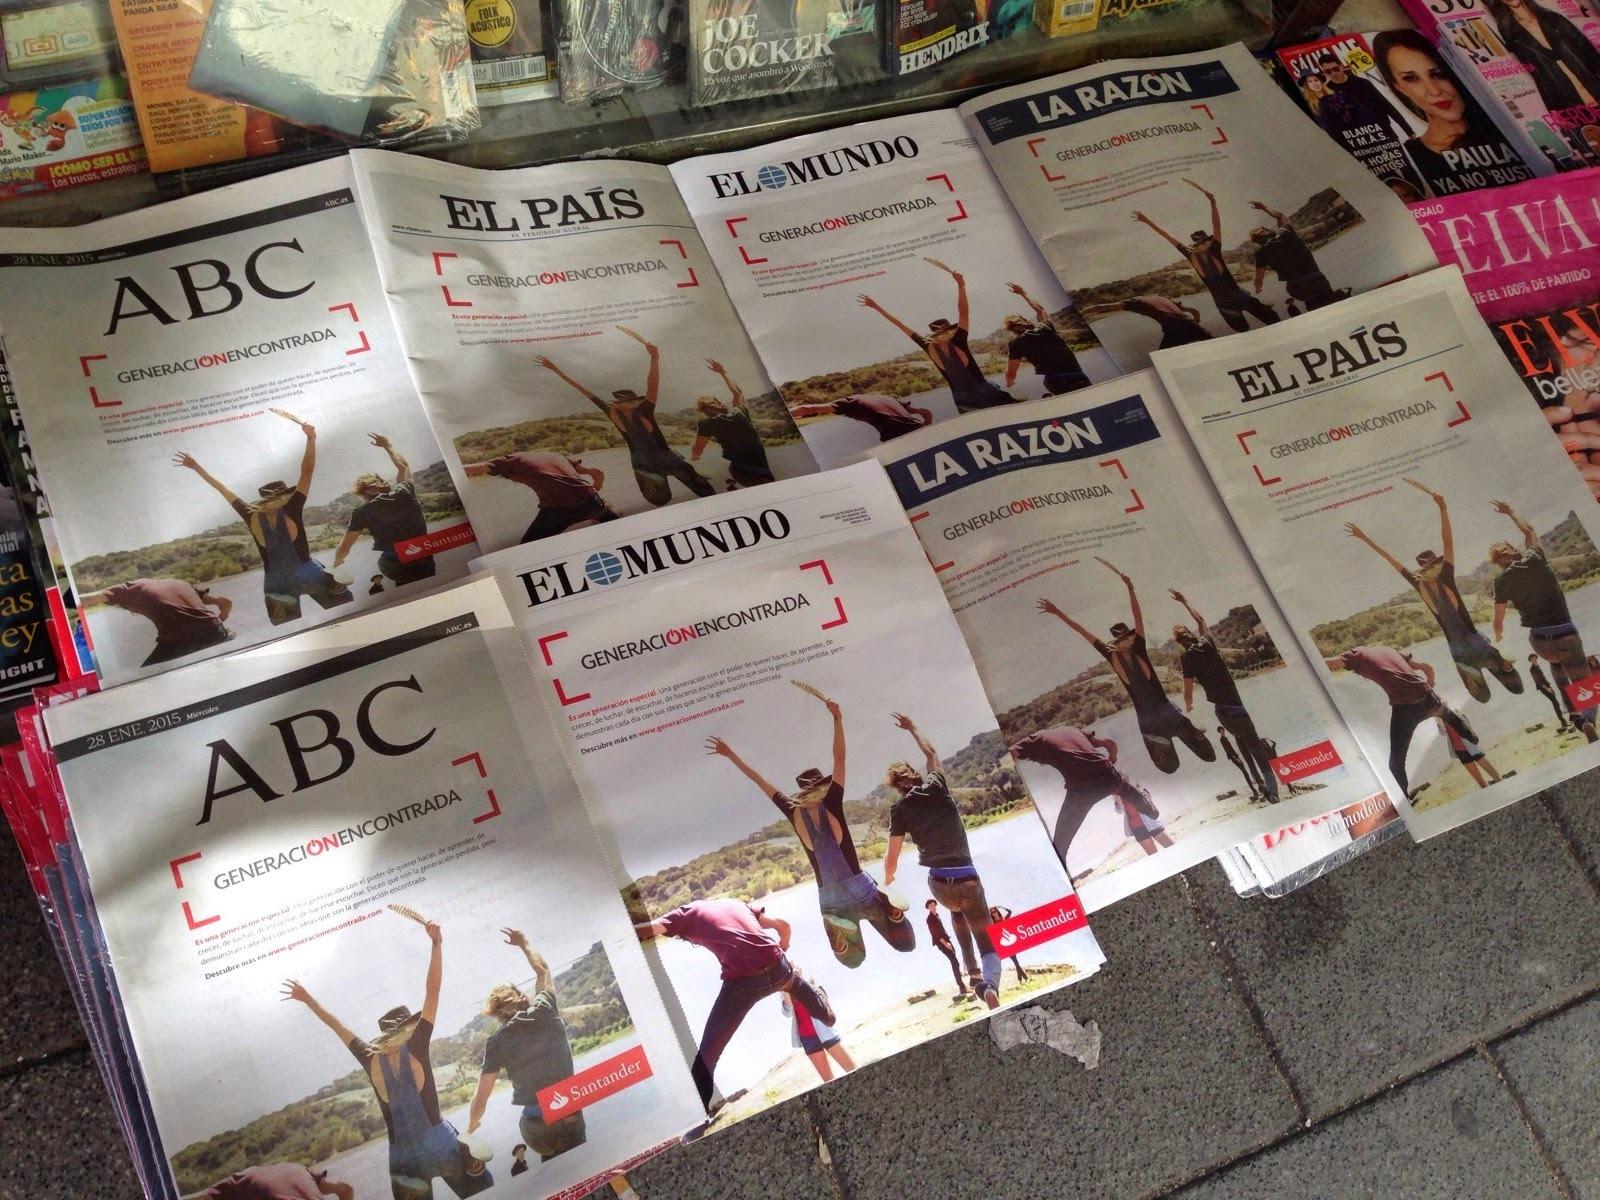 Bancos, medios de comunicación y partidos políticos: una relación que socava la democracia